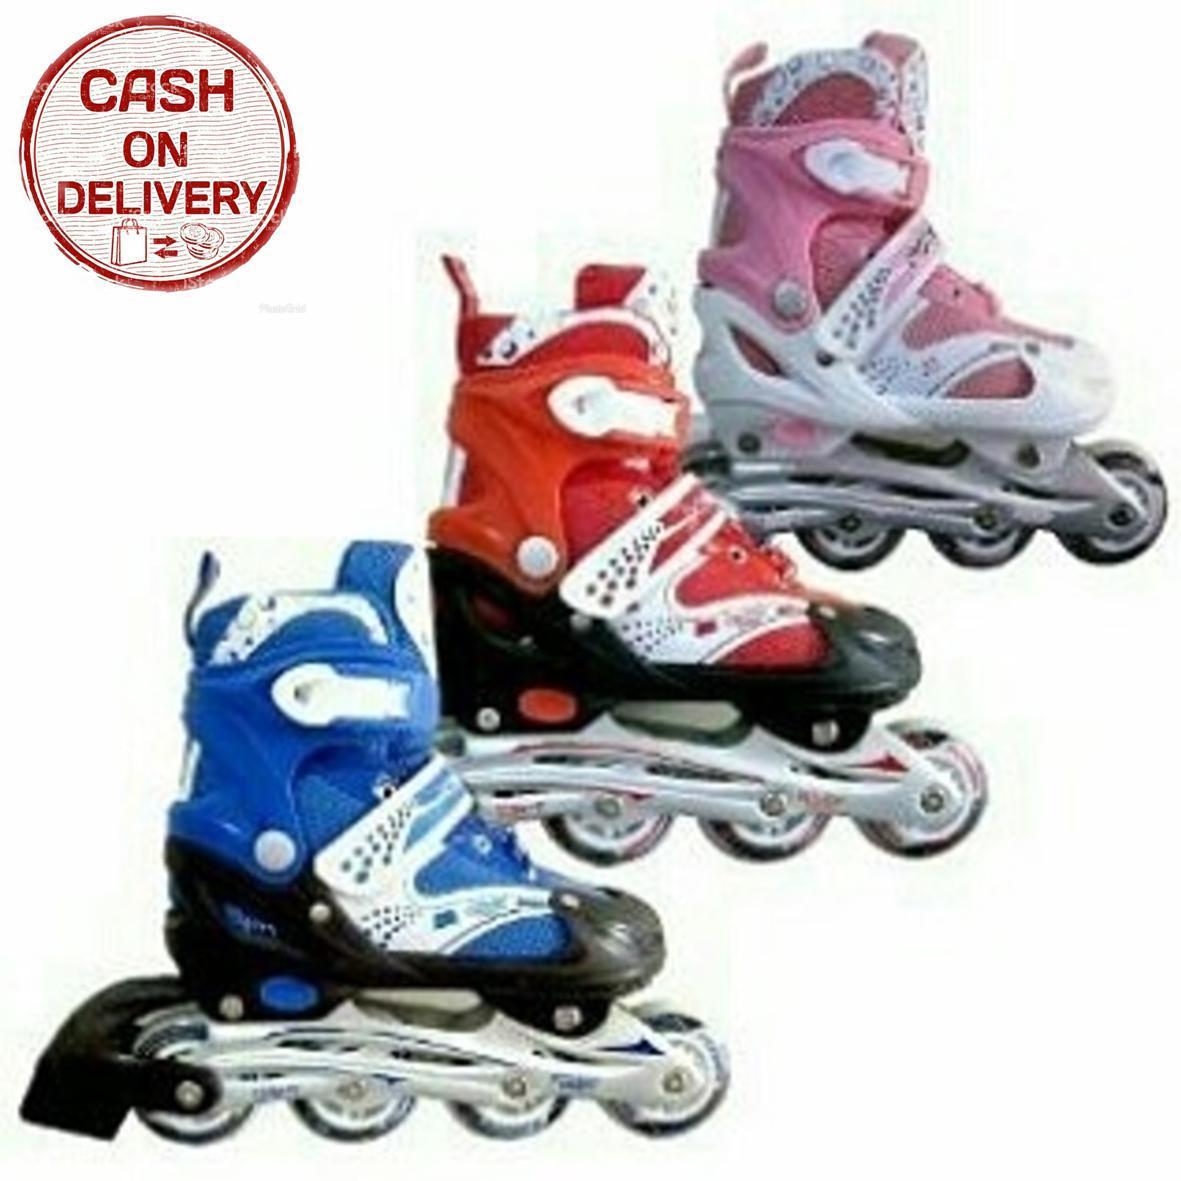 Kado Unik-- Sepatu Roda Anak   Sepatu Roda Bahan Pvc   Sepatu Roda Outdoor 11a996a4dc